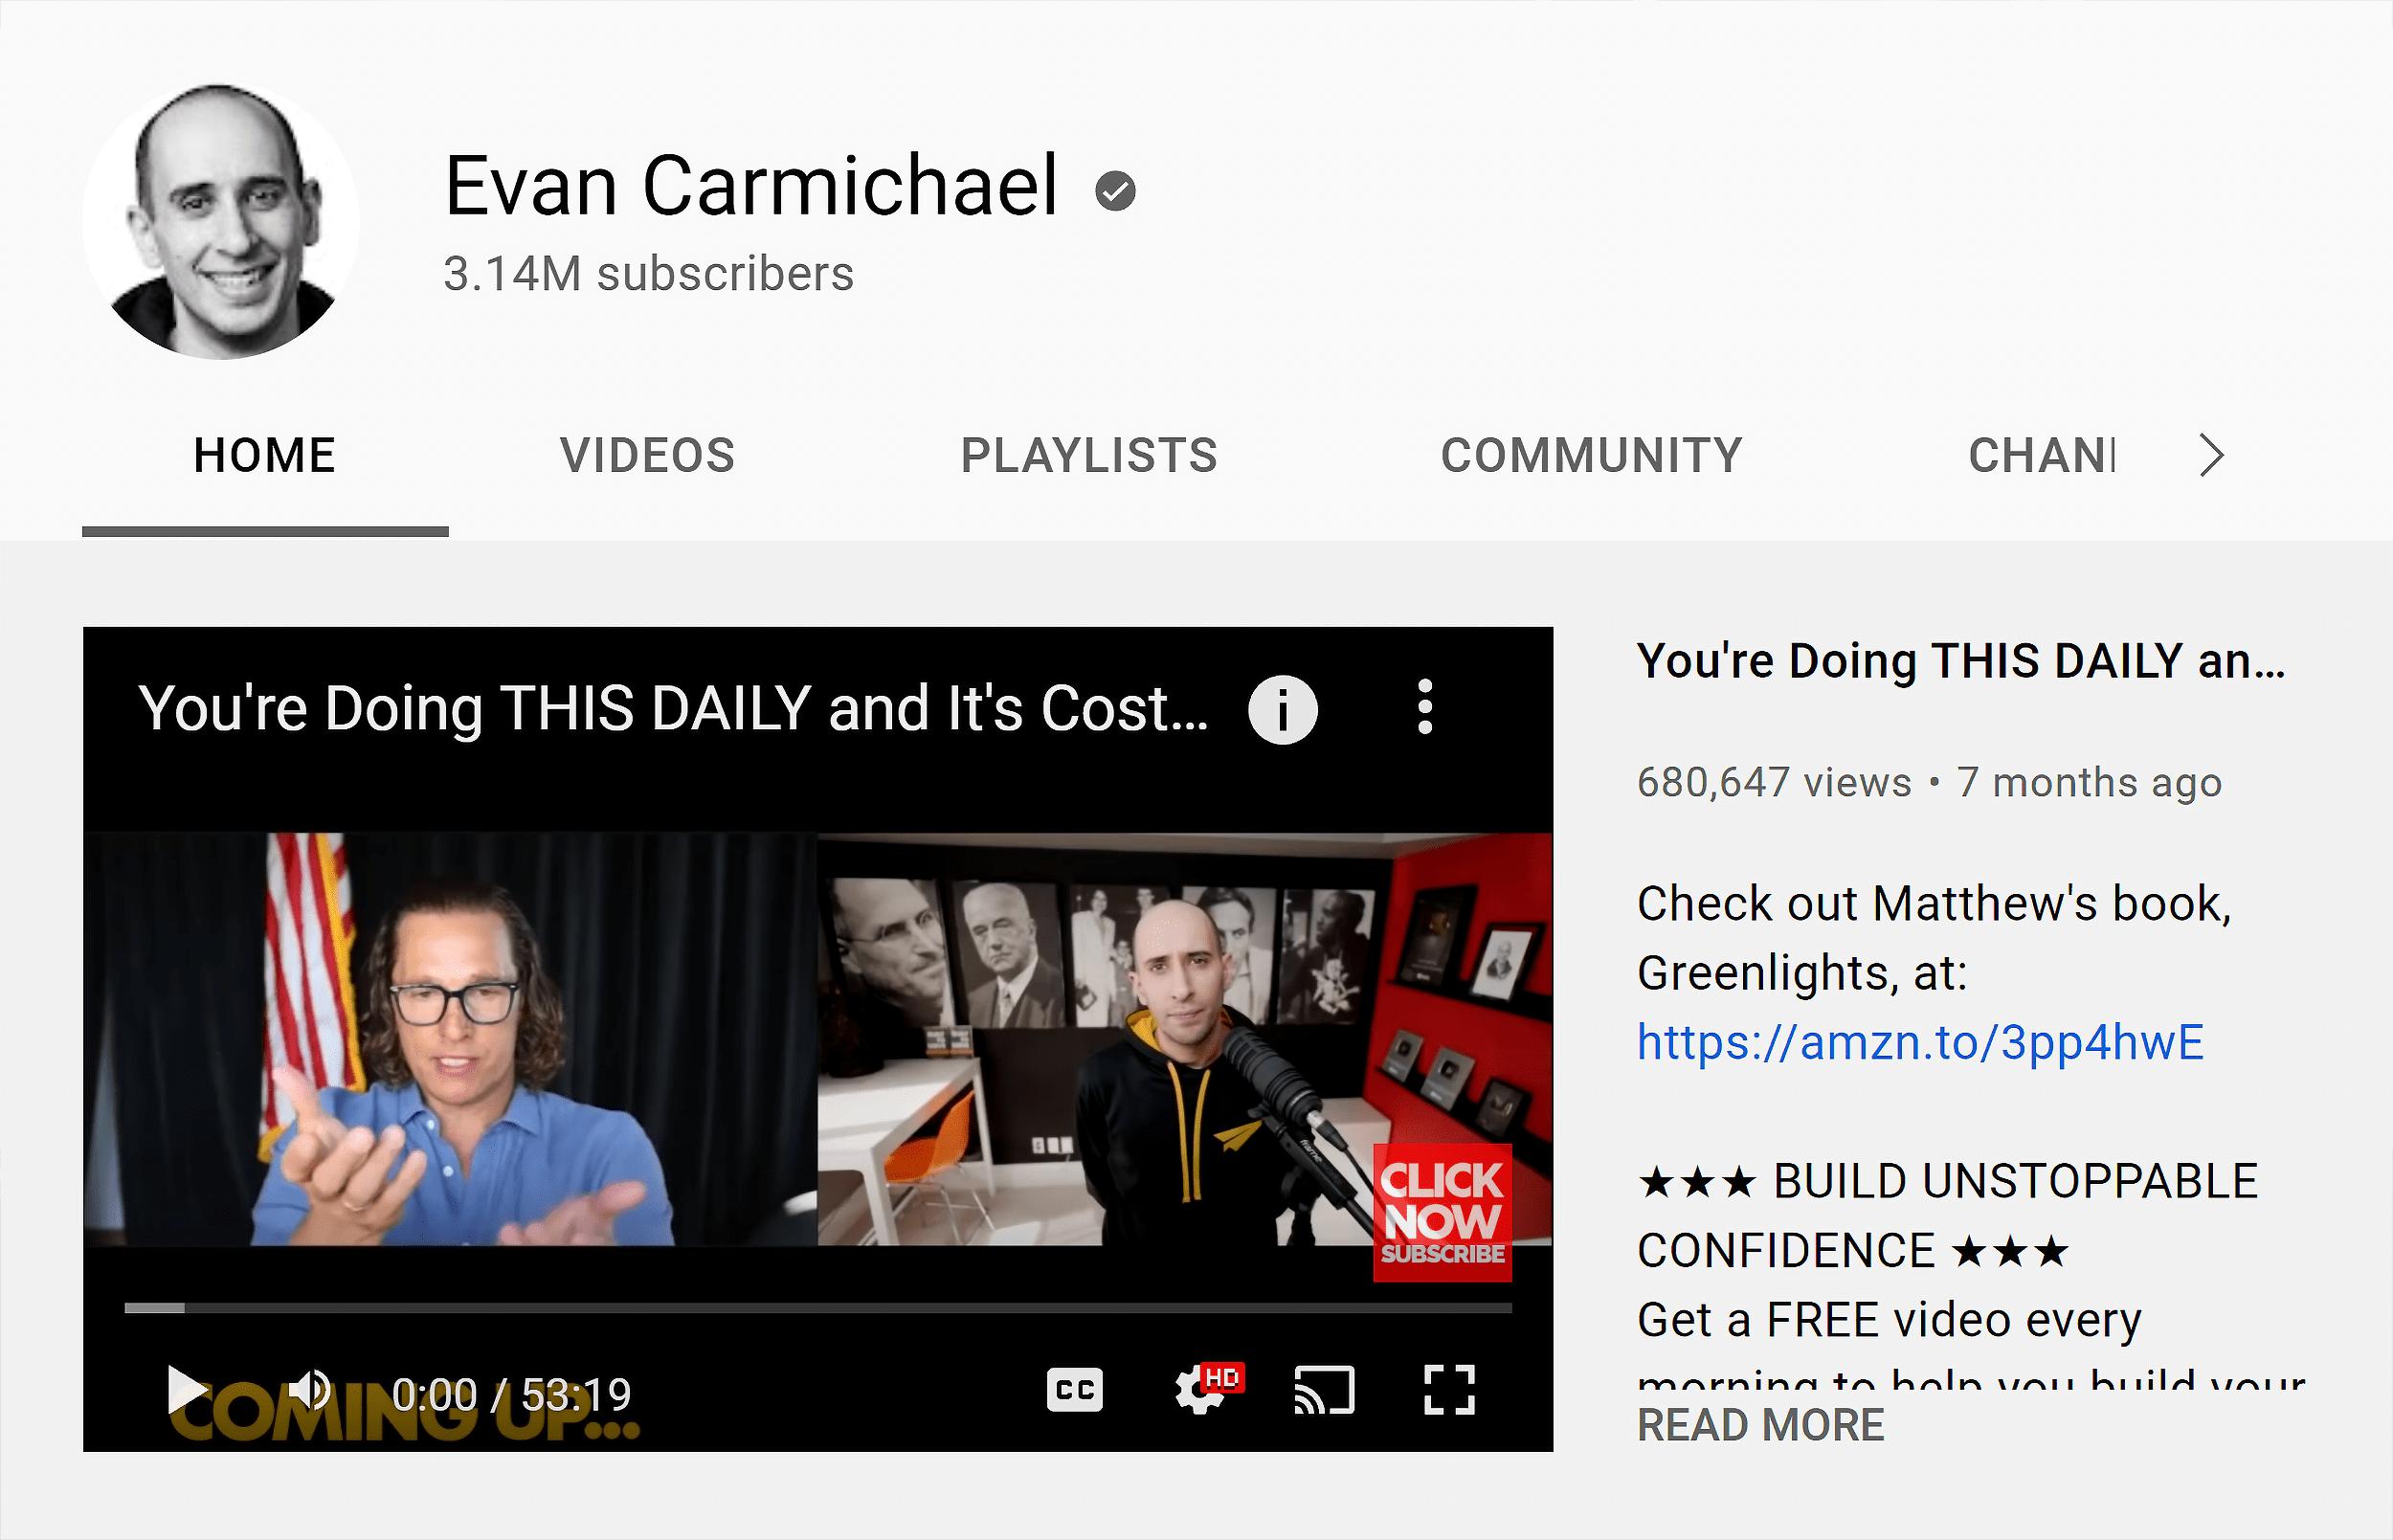 Evan Carmichael – Channel trailer